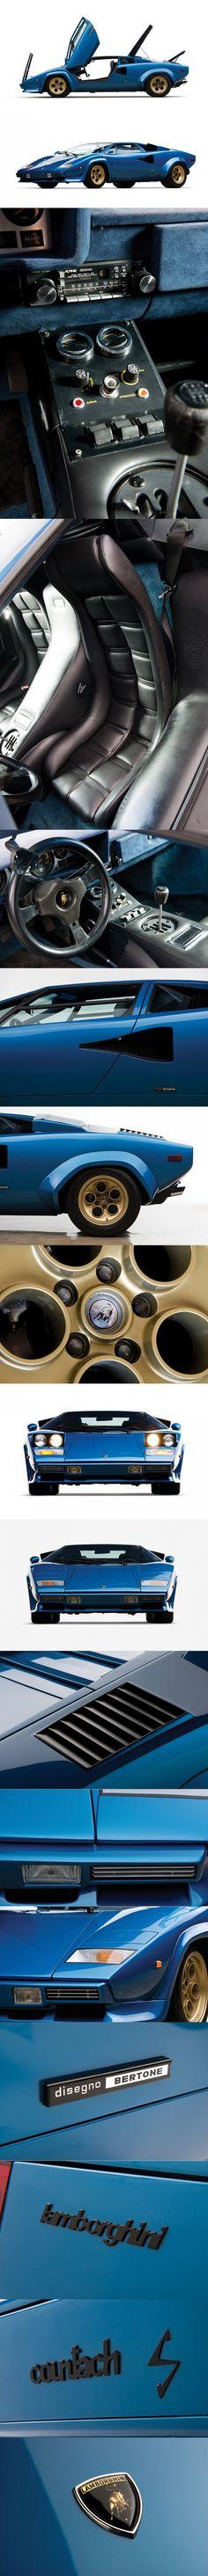 1978 Lamborghini Countach LP400S / Marcello Gandini @ Bertone / Italy / blue gold